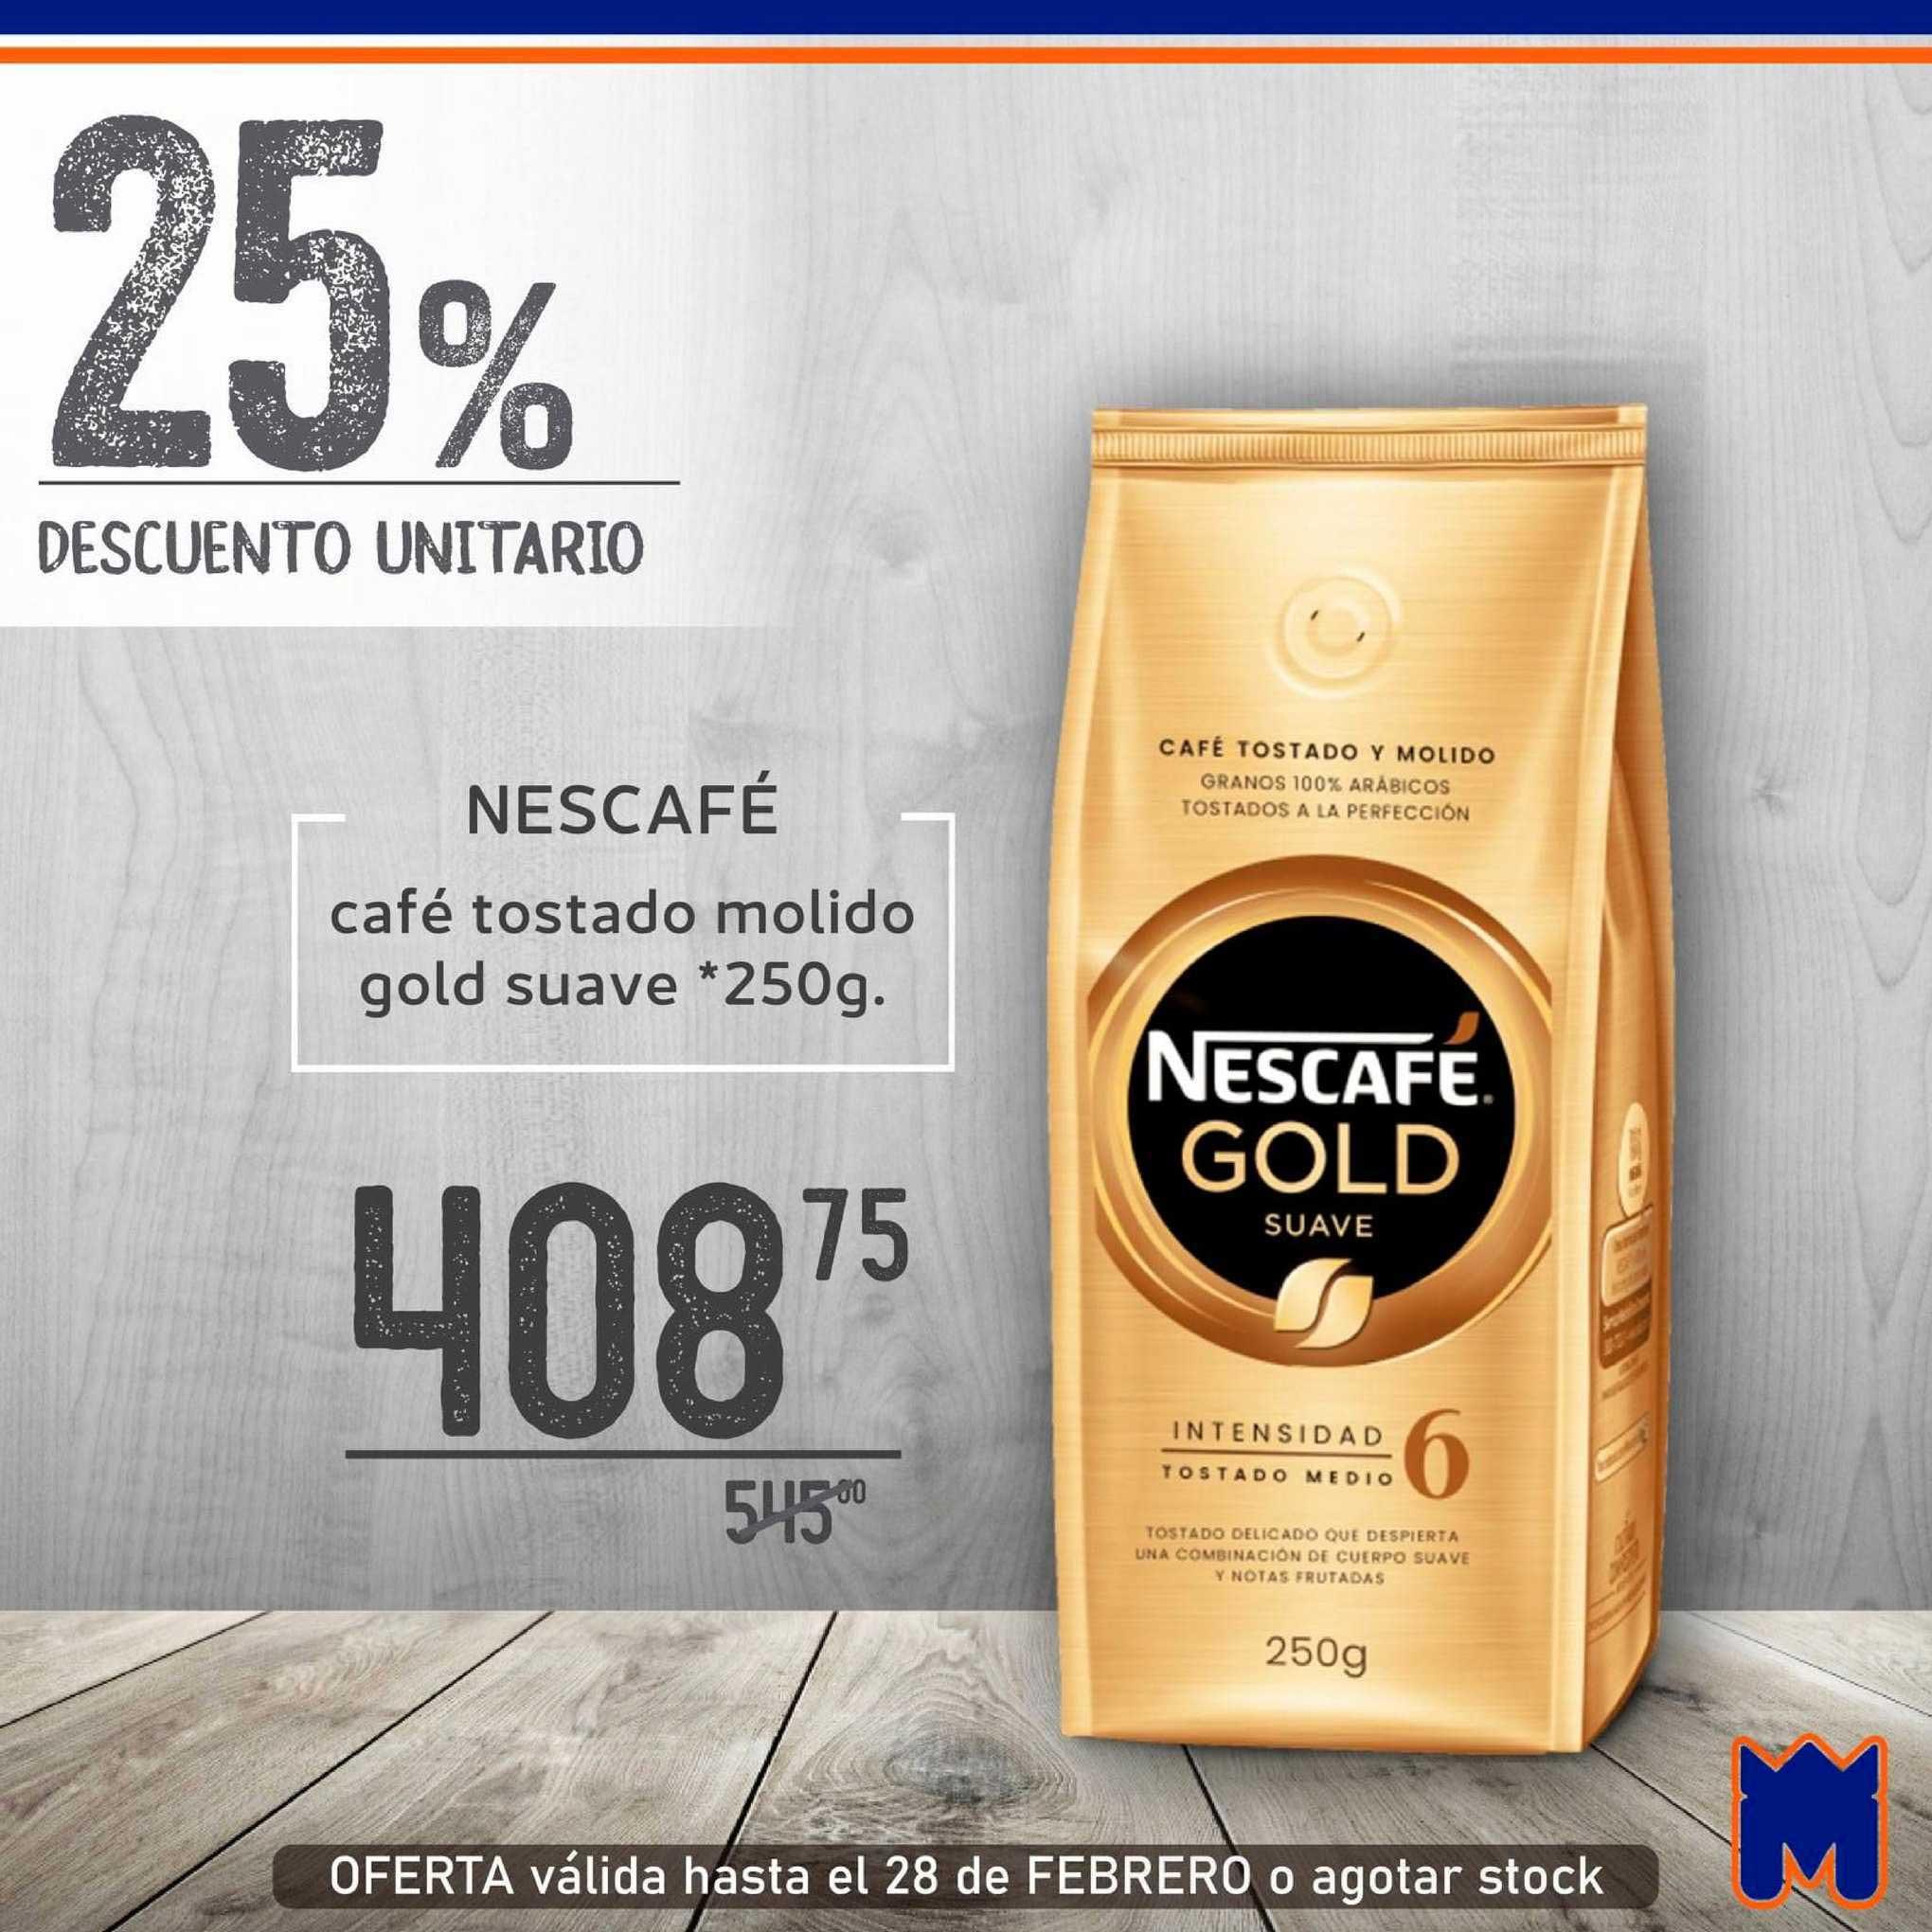 Supermercados Monarca Nescafé Café Tostado Molido Gold Suave